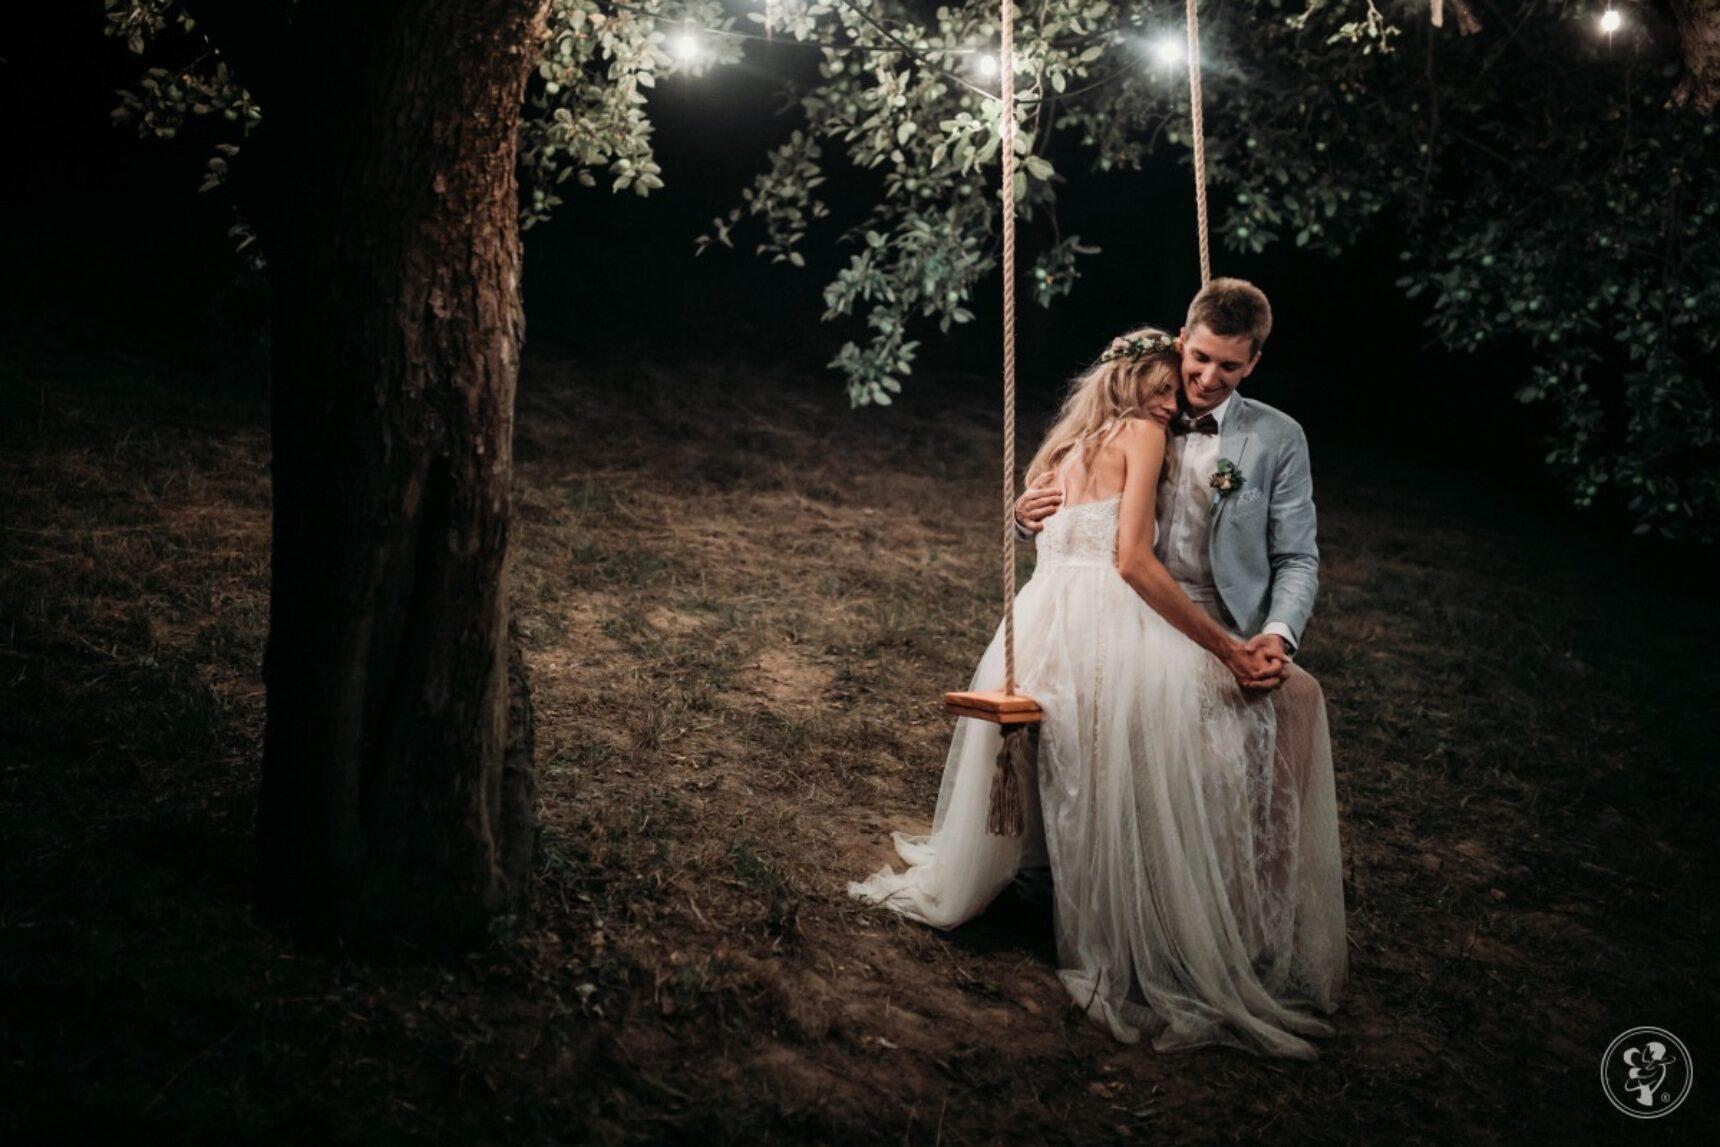 TOP 10 najlepszych zdjęć z sesji ślubnej – sierpień 2019!